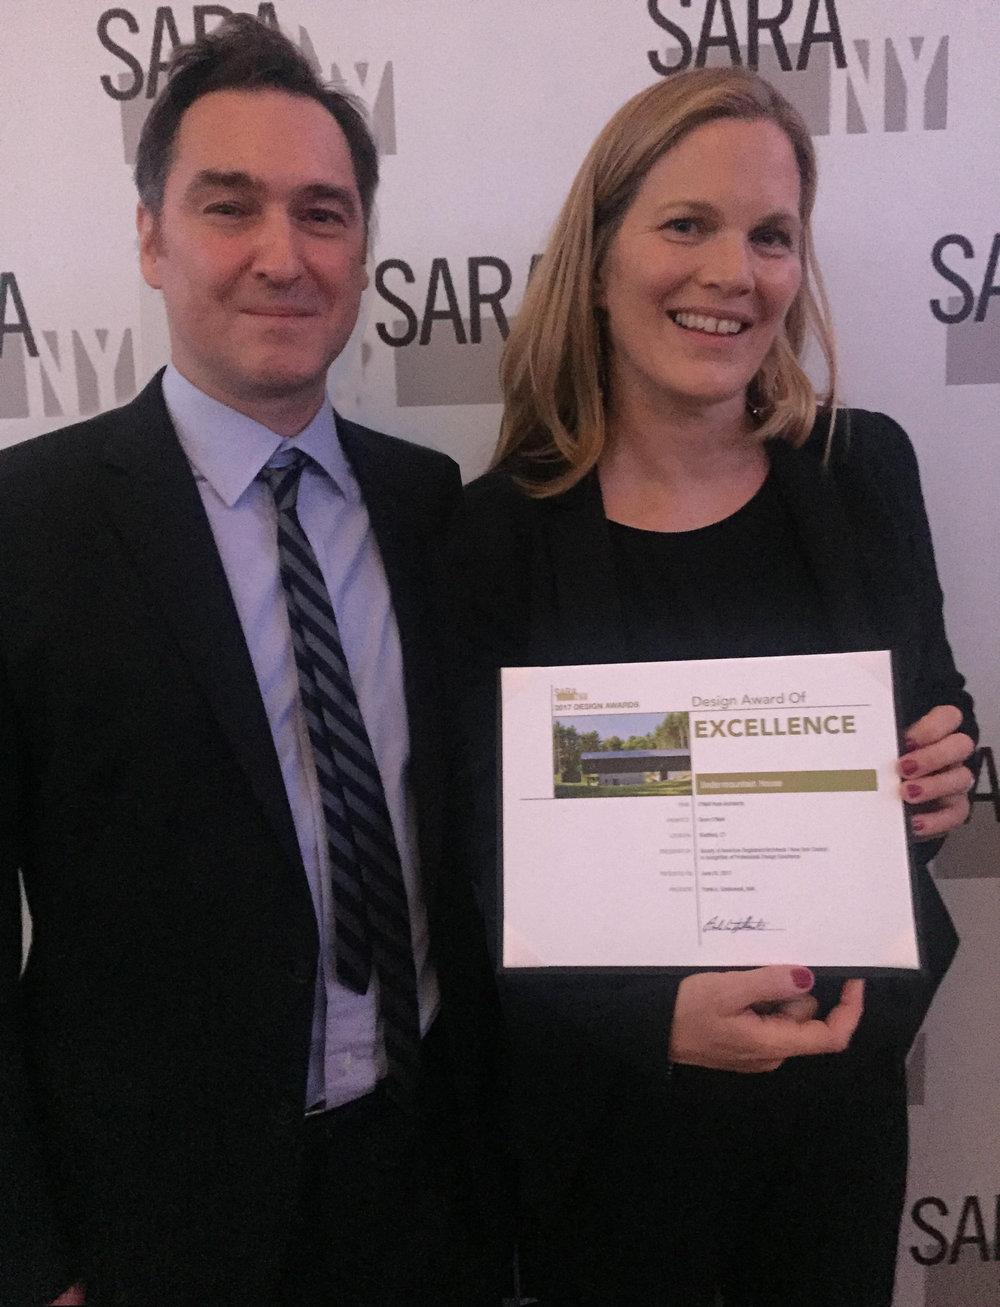 Sara award.jpg